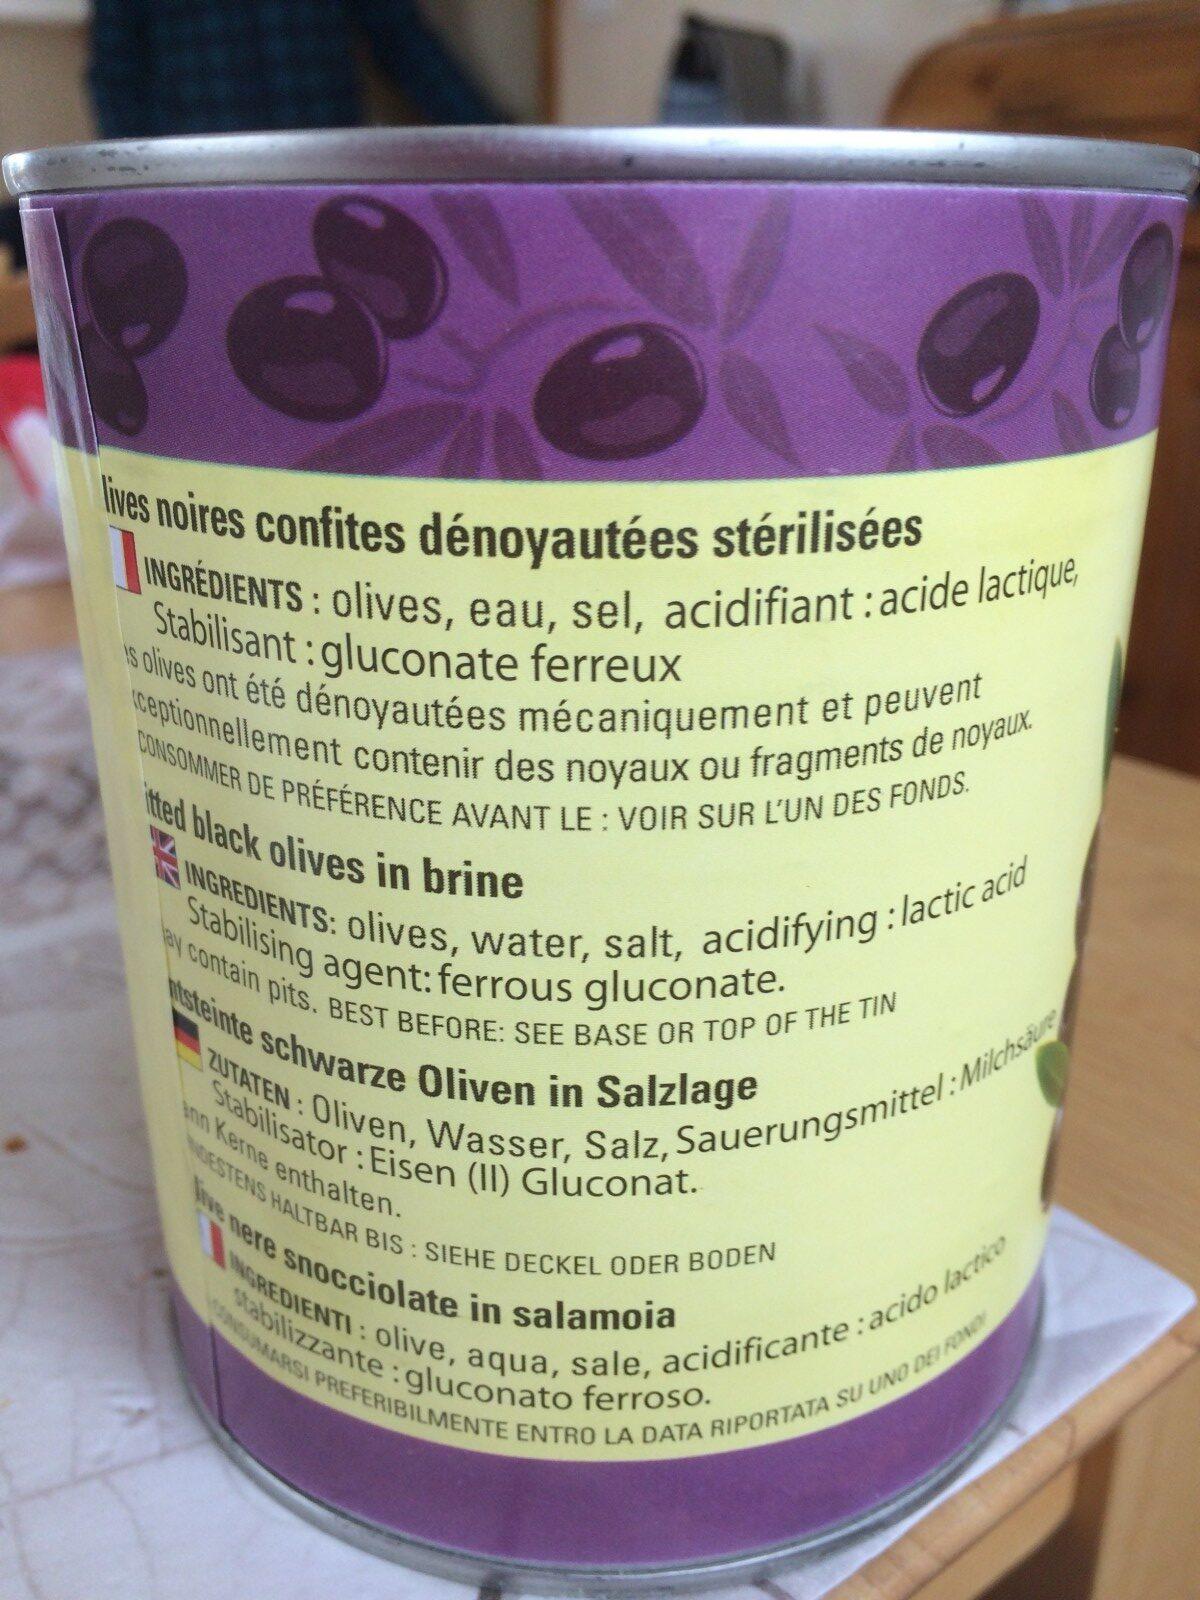 Olives Noires Dénoyautées Barral 800 Gr, 1 Boîte - Ingredients - fr